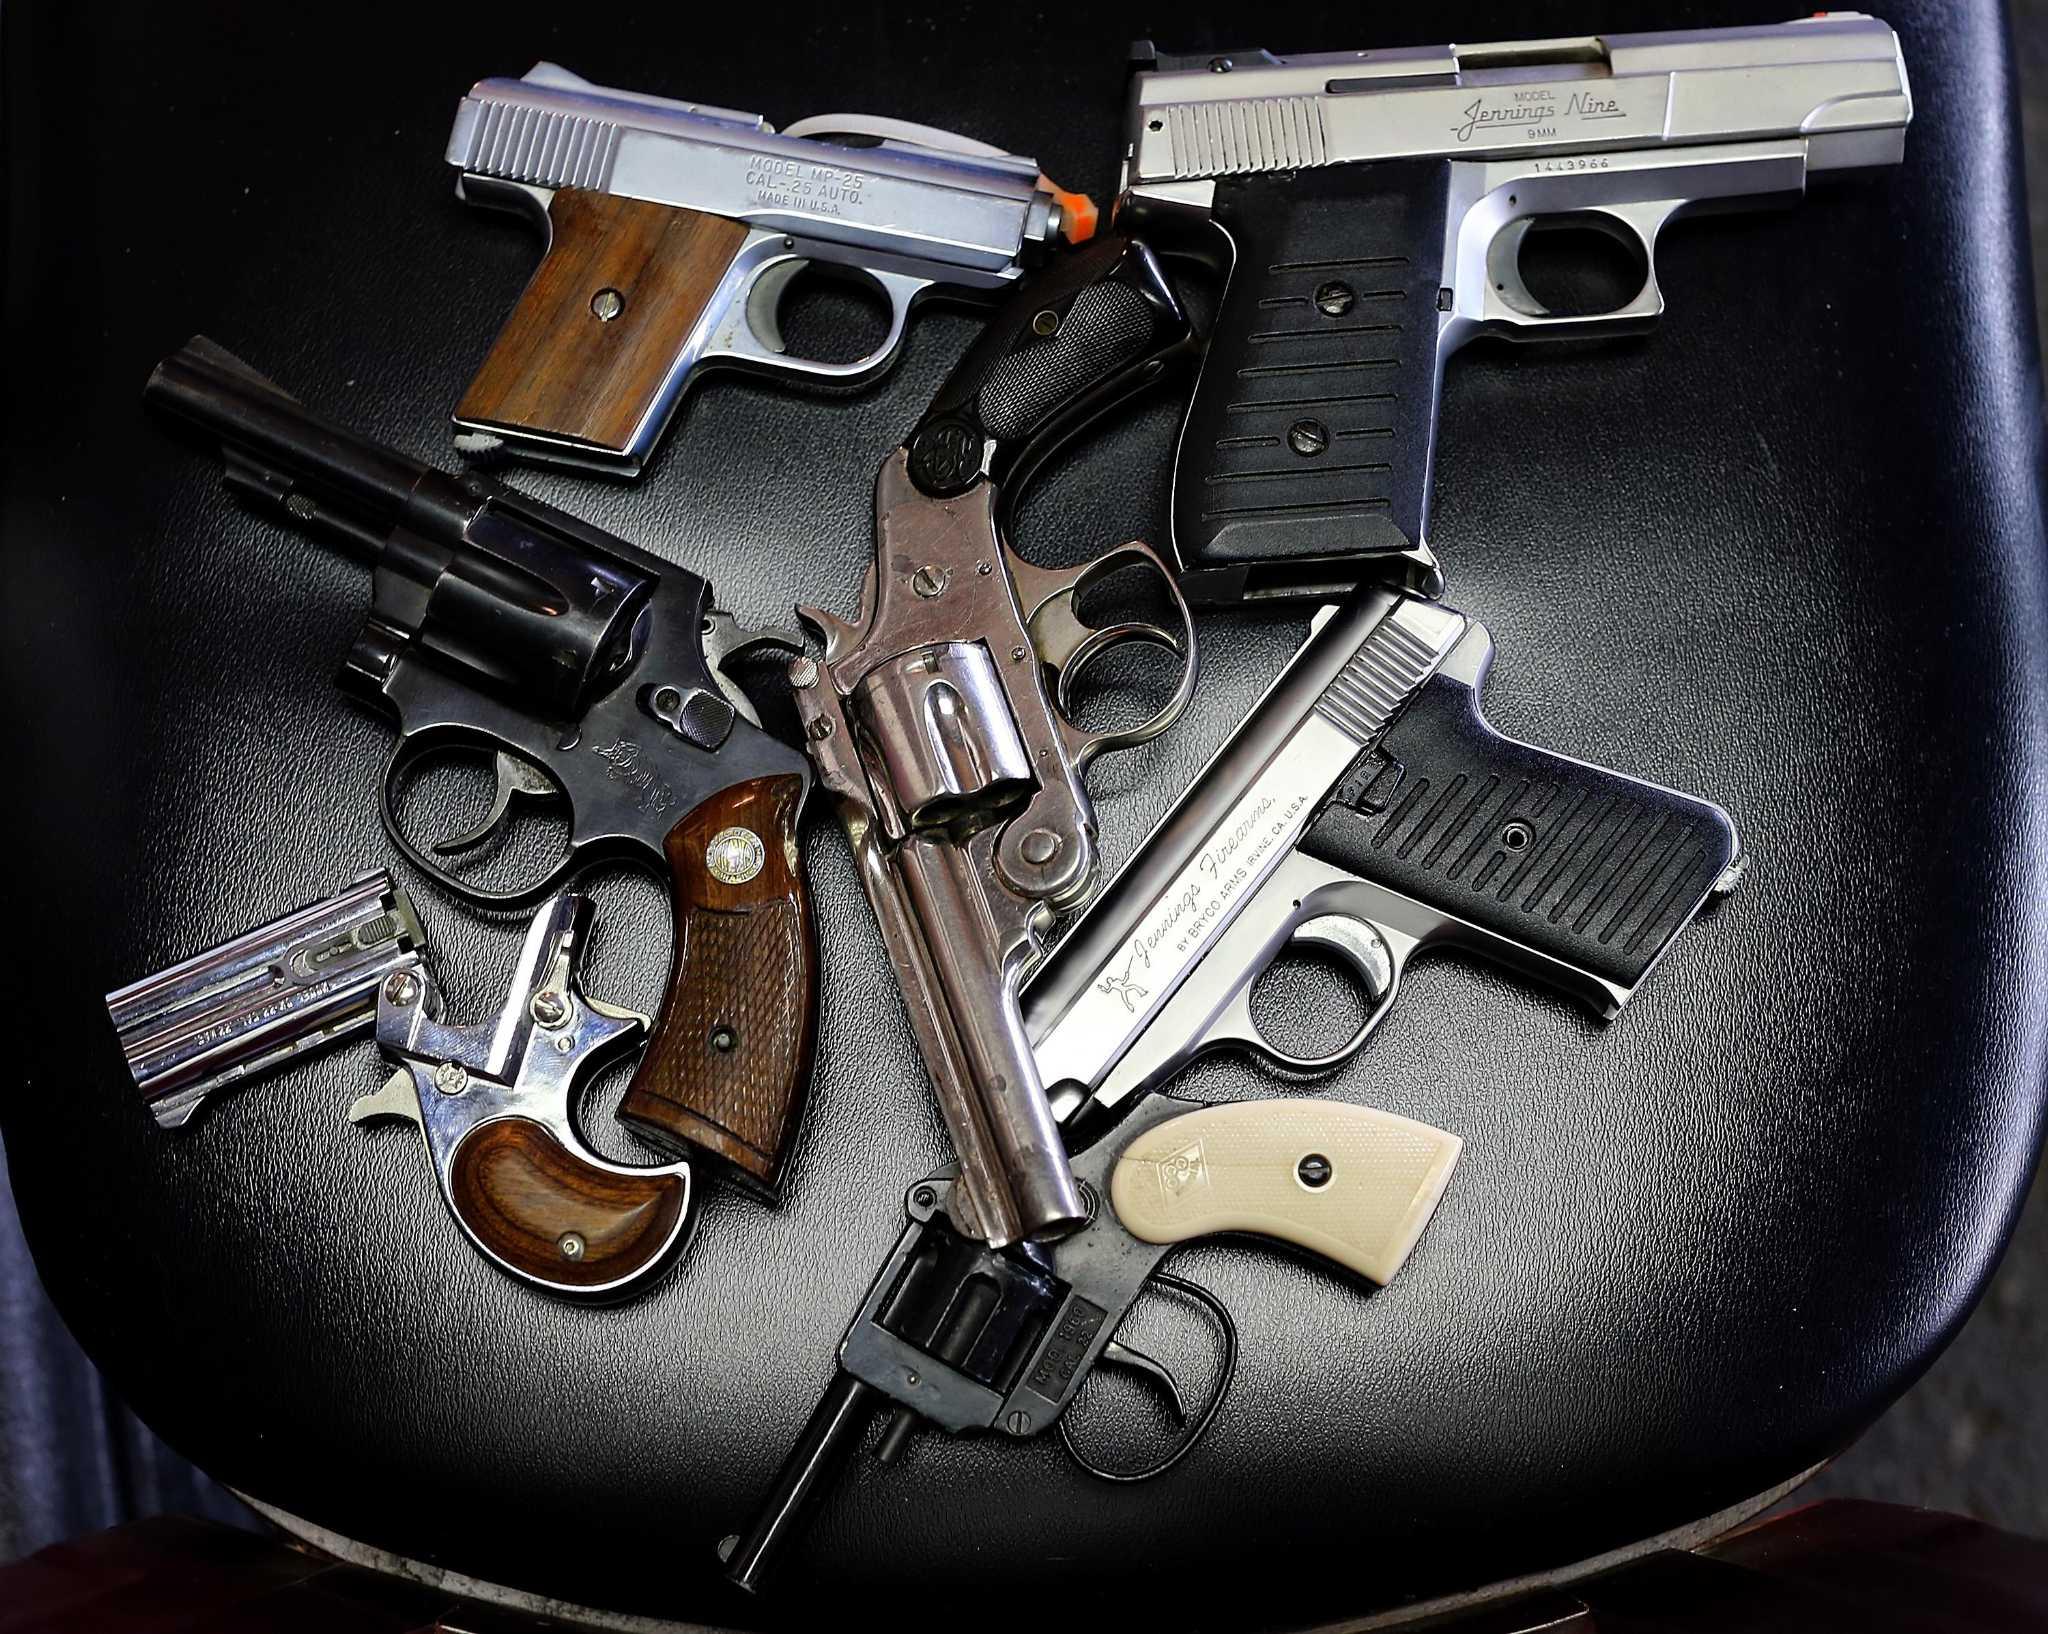 Природа каждому оружие дала